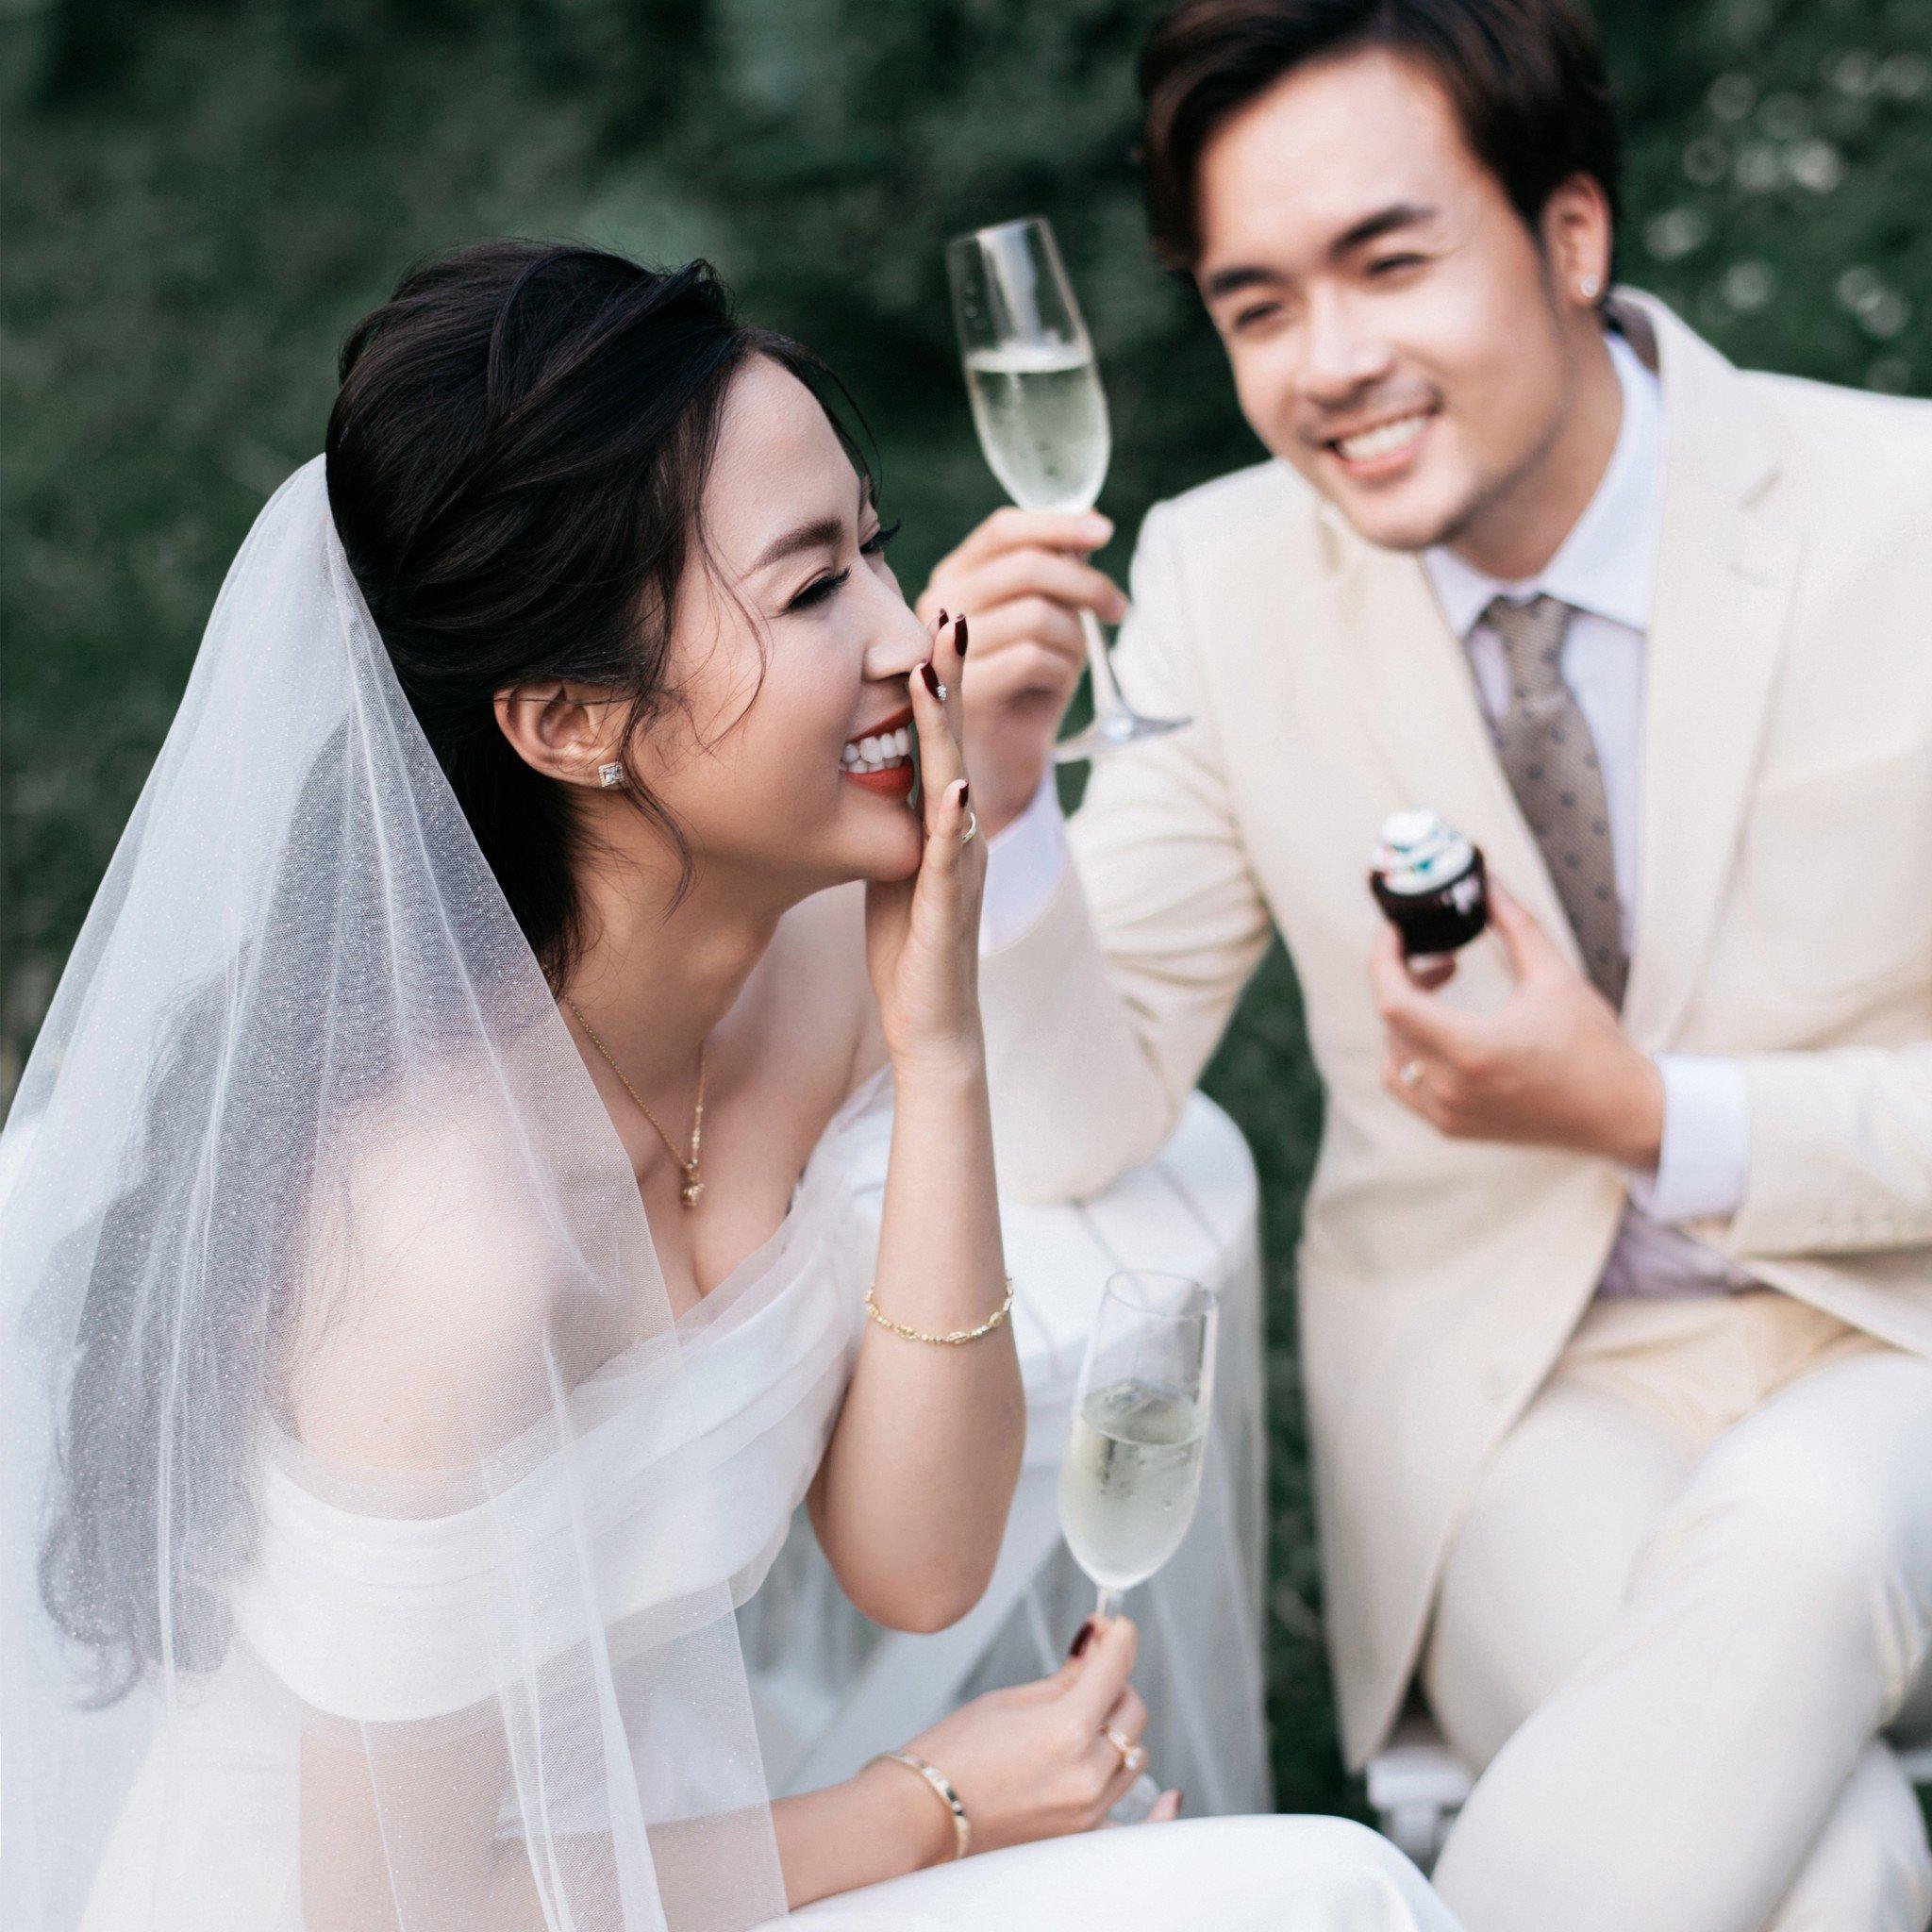 những điều kiêng kỵ trong đám cưới